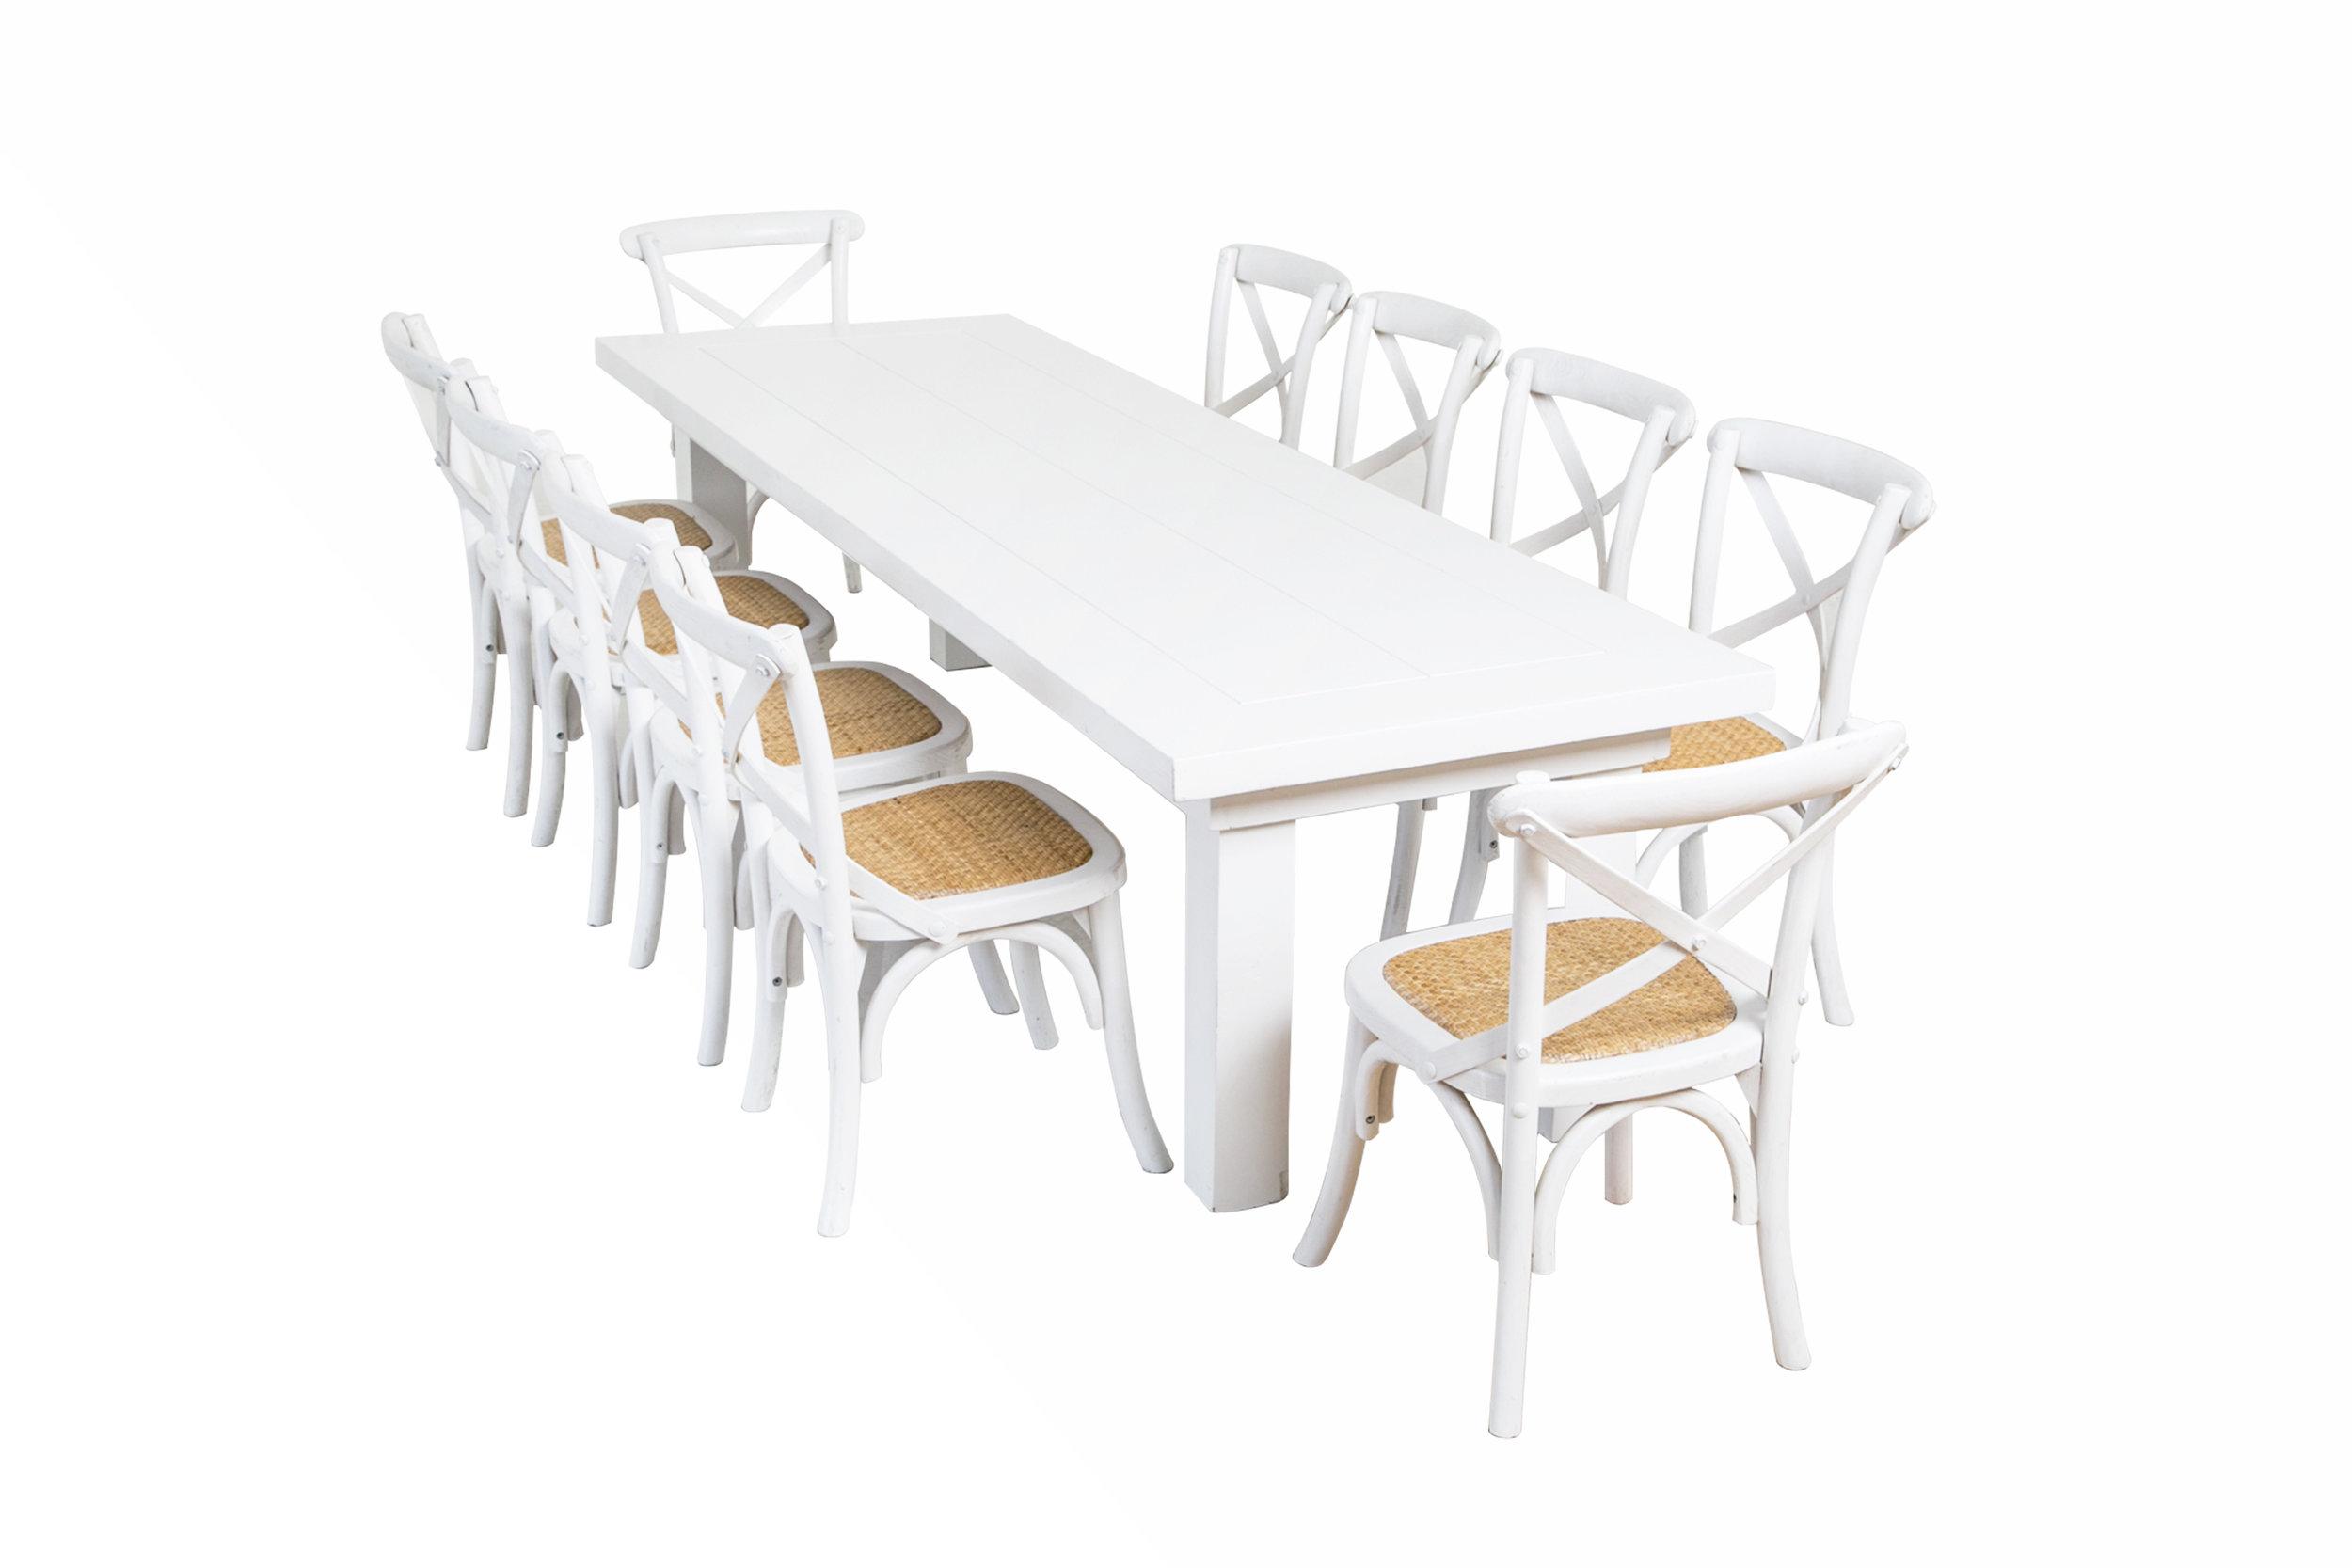 silla crossback infantil + mesa blanca infantil